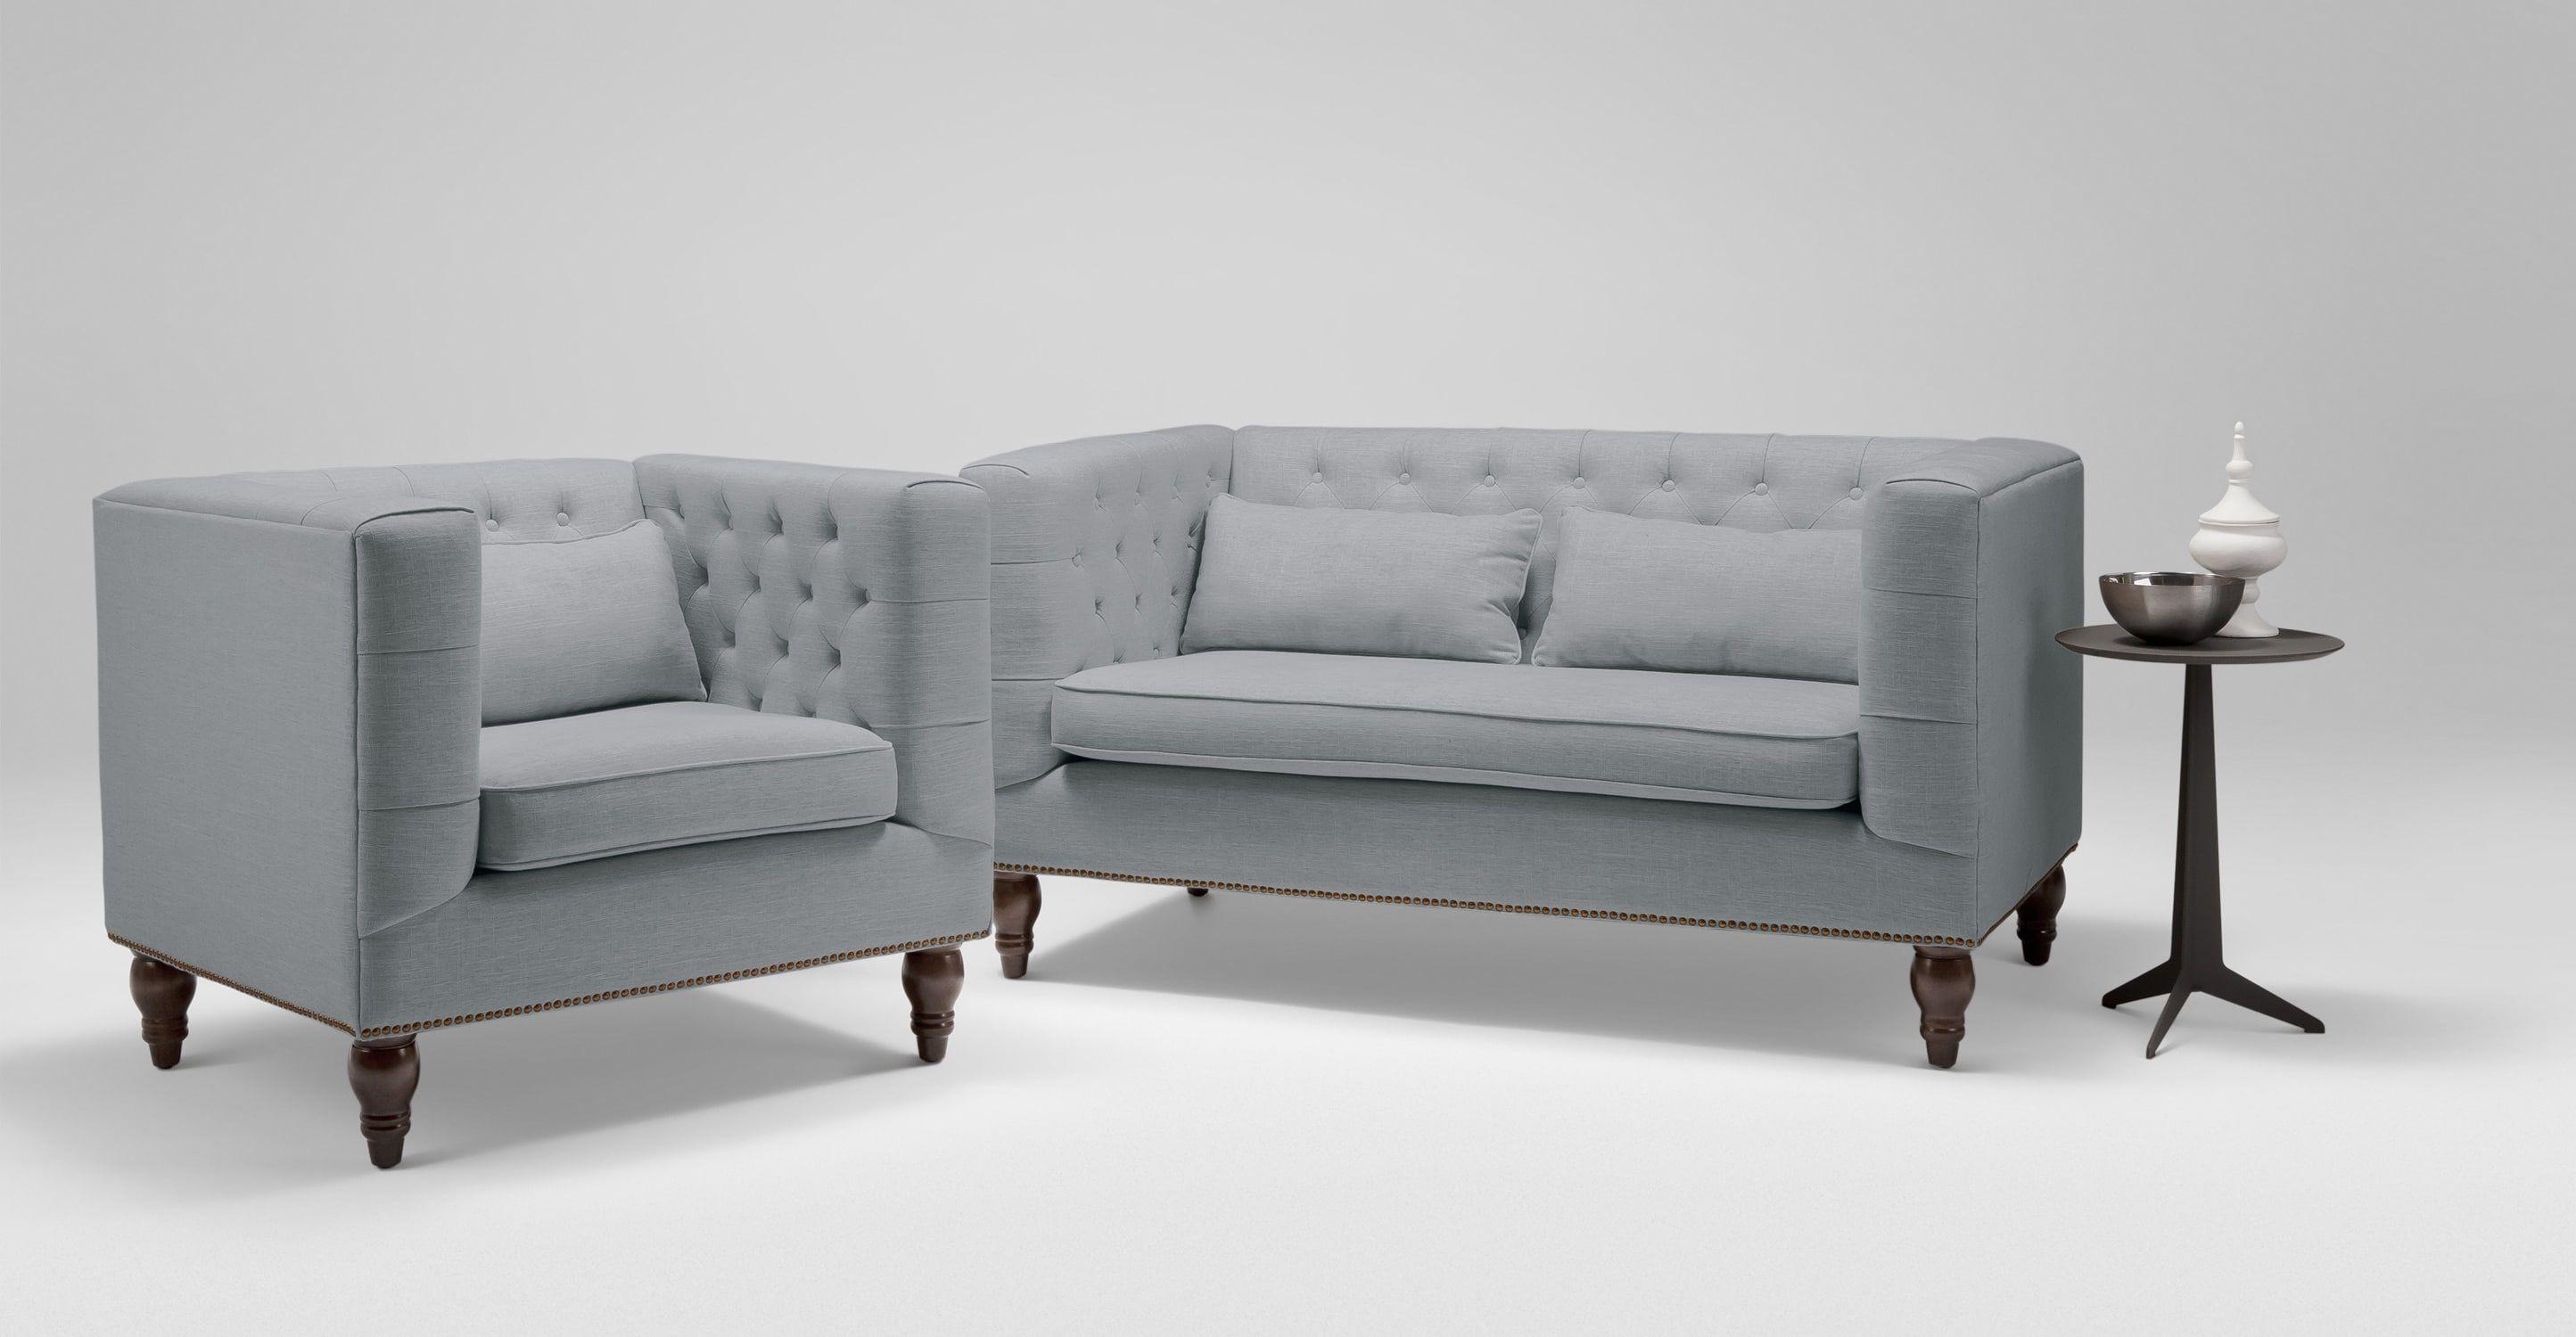 Fesselnd Flynn 2 Sitzer Sofa, Graublau ▻ Neues Design Für Dein Wohnzimmer! Entdecke  Jetzt Bequeme Und Schicke Sofas U0026 Sessel Bei MADE.